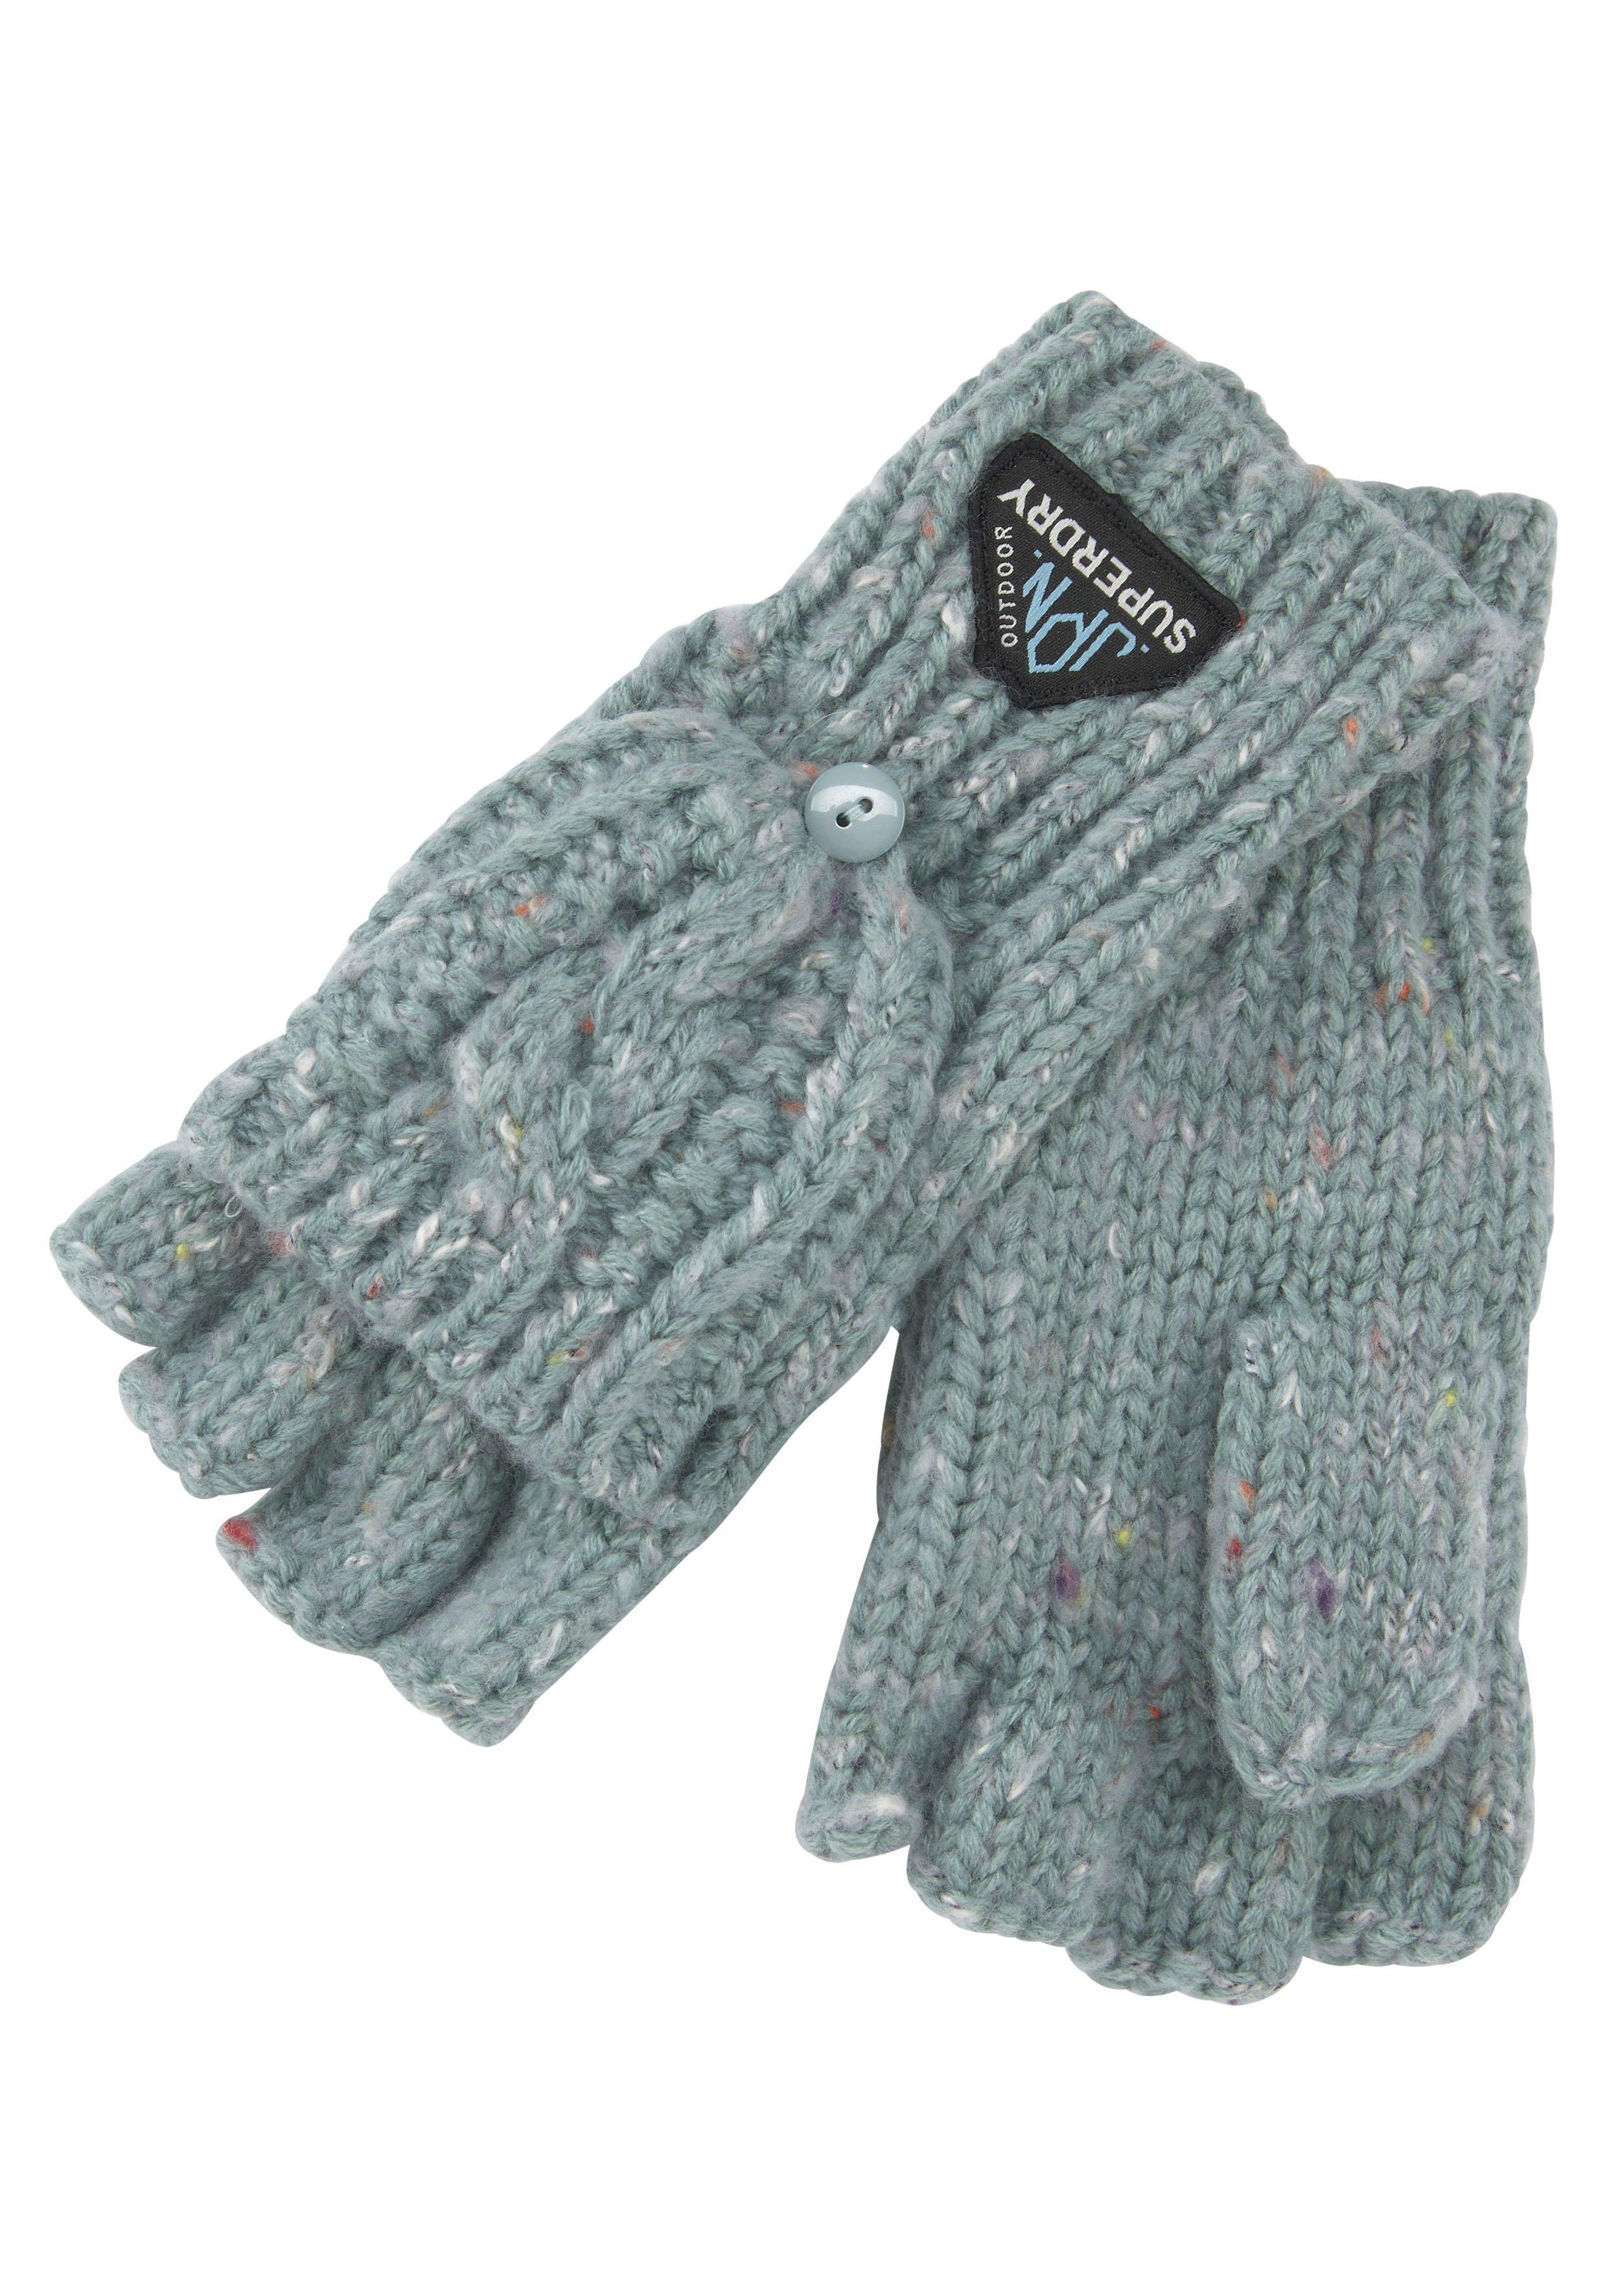 Superdry gebreide handschoenen Gracie Cable Glove (1) bestellen: 30 dagen bedenktijd